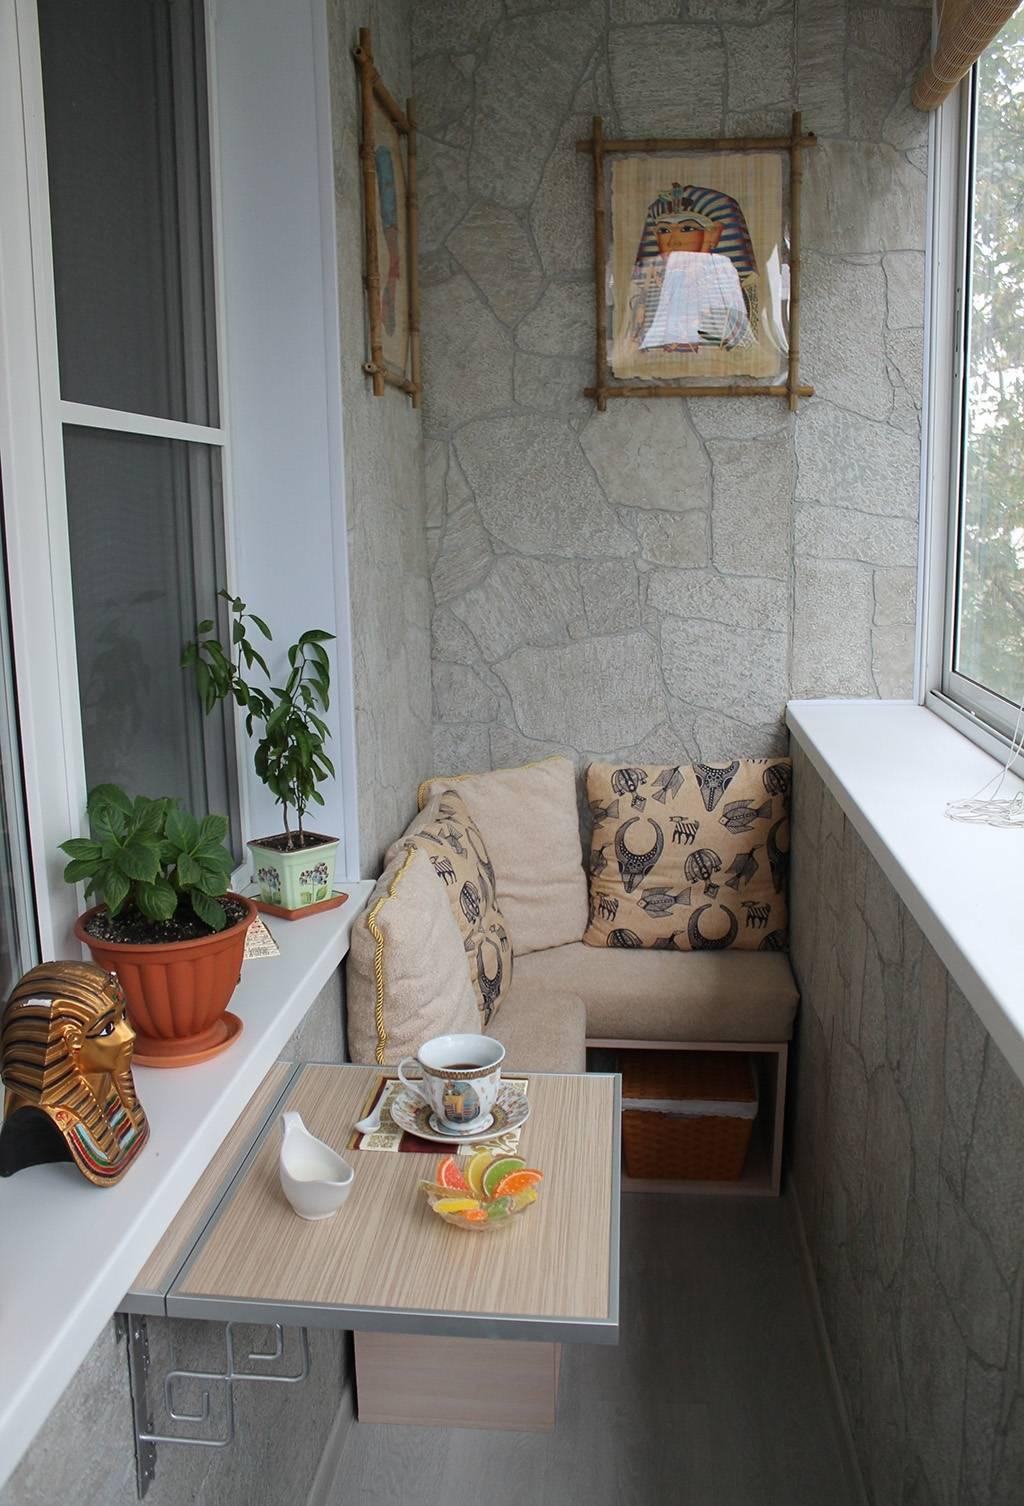 75 идей дизайна маленького балкона: правила оформления и декора